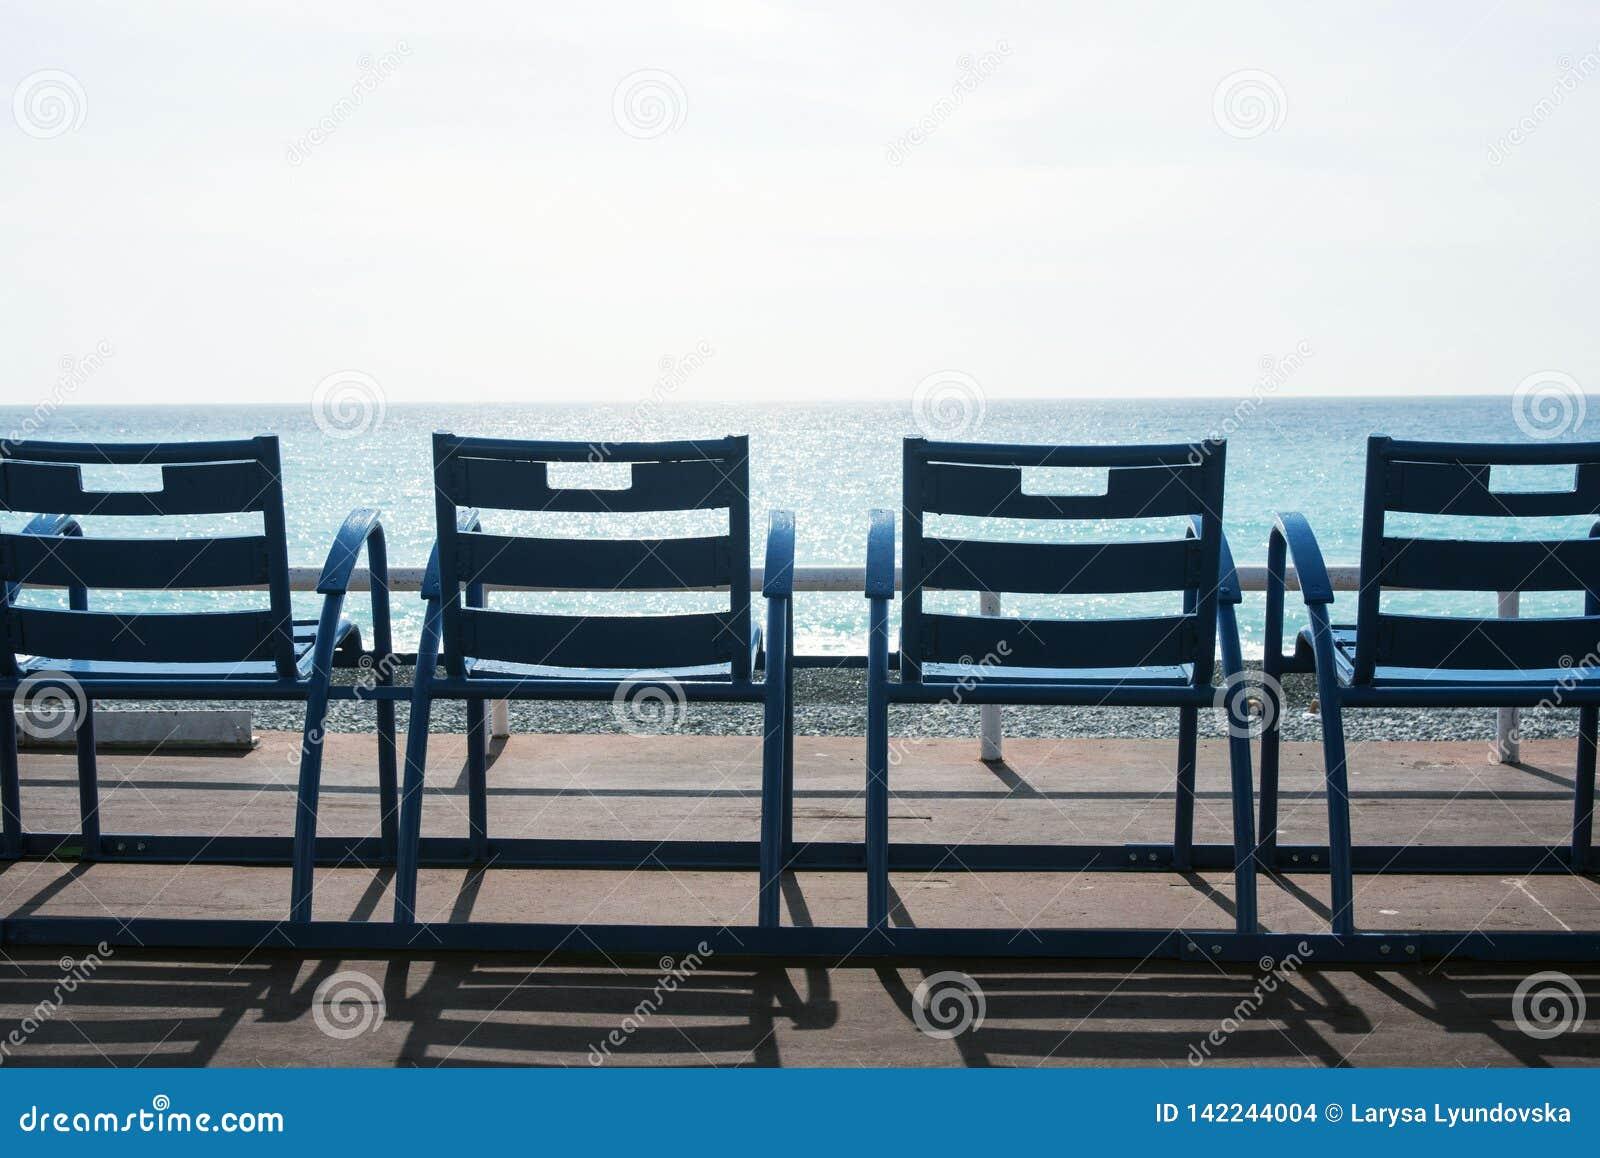 Sillas azules famosas en Promenade des Anglais de Niza, Francia contra el contexto del mar azul